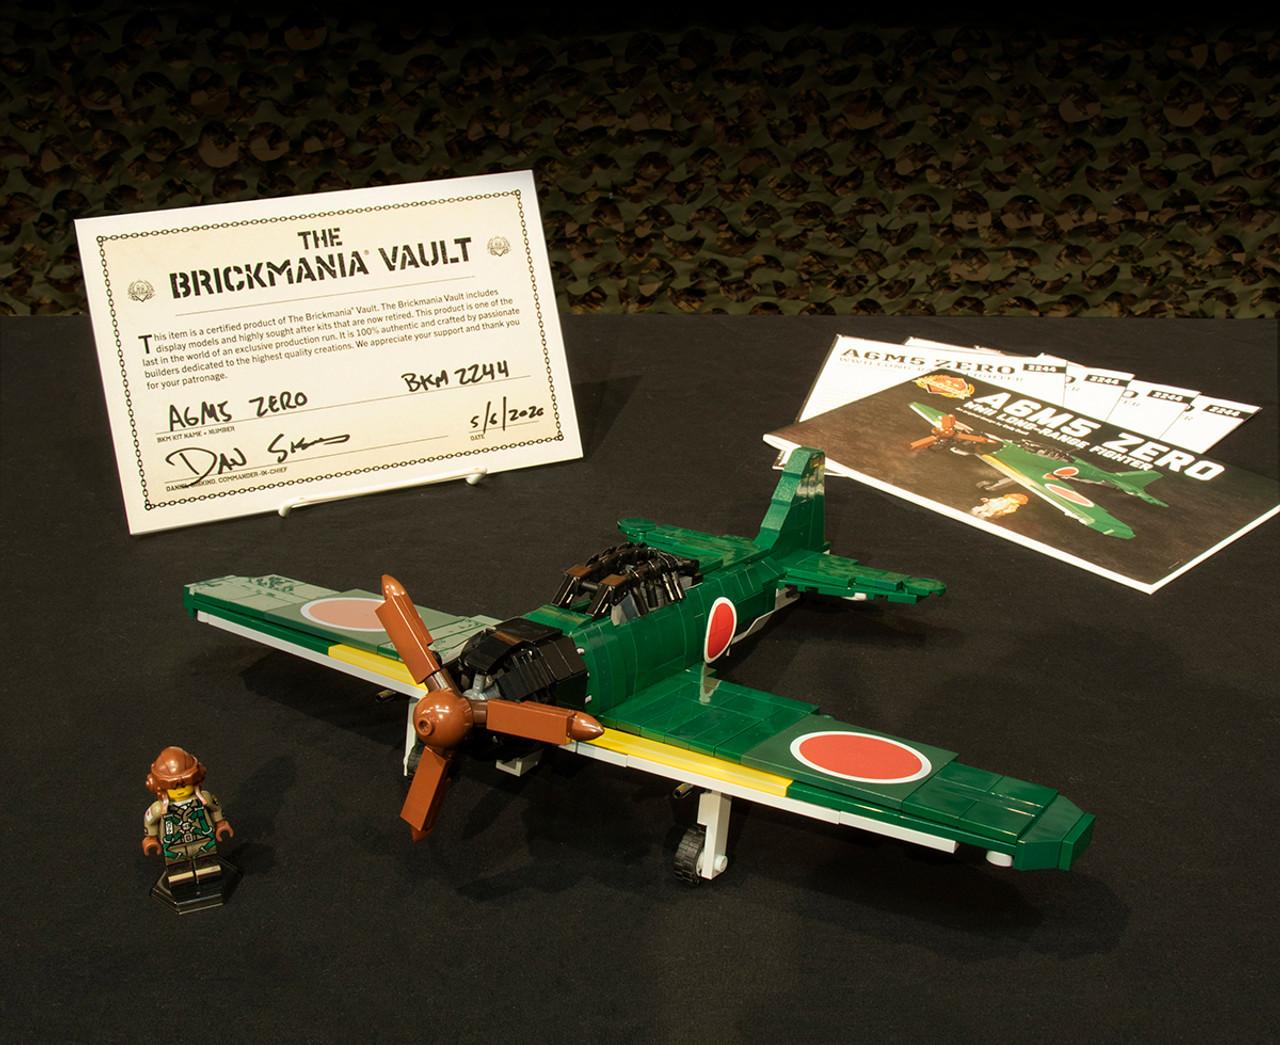 A6M5 Zero - WWII Long-Range Fighter - BKM Vault